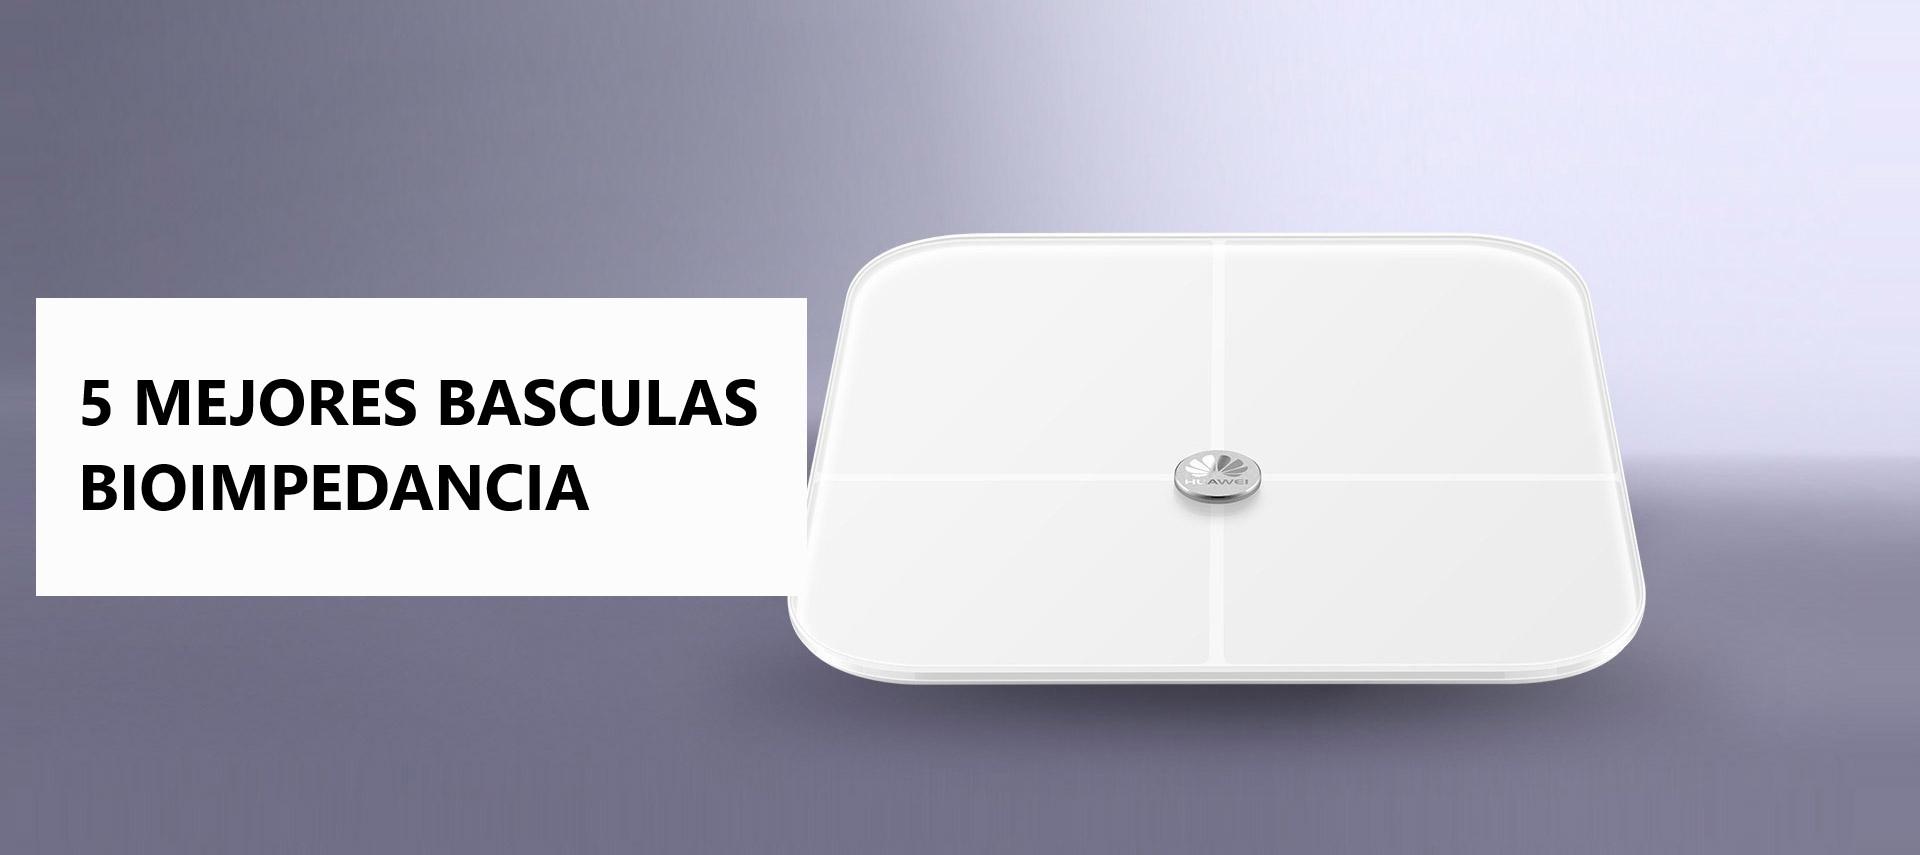 MEJORES BASCULAS BIOIMPEDANCIA